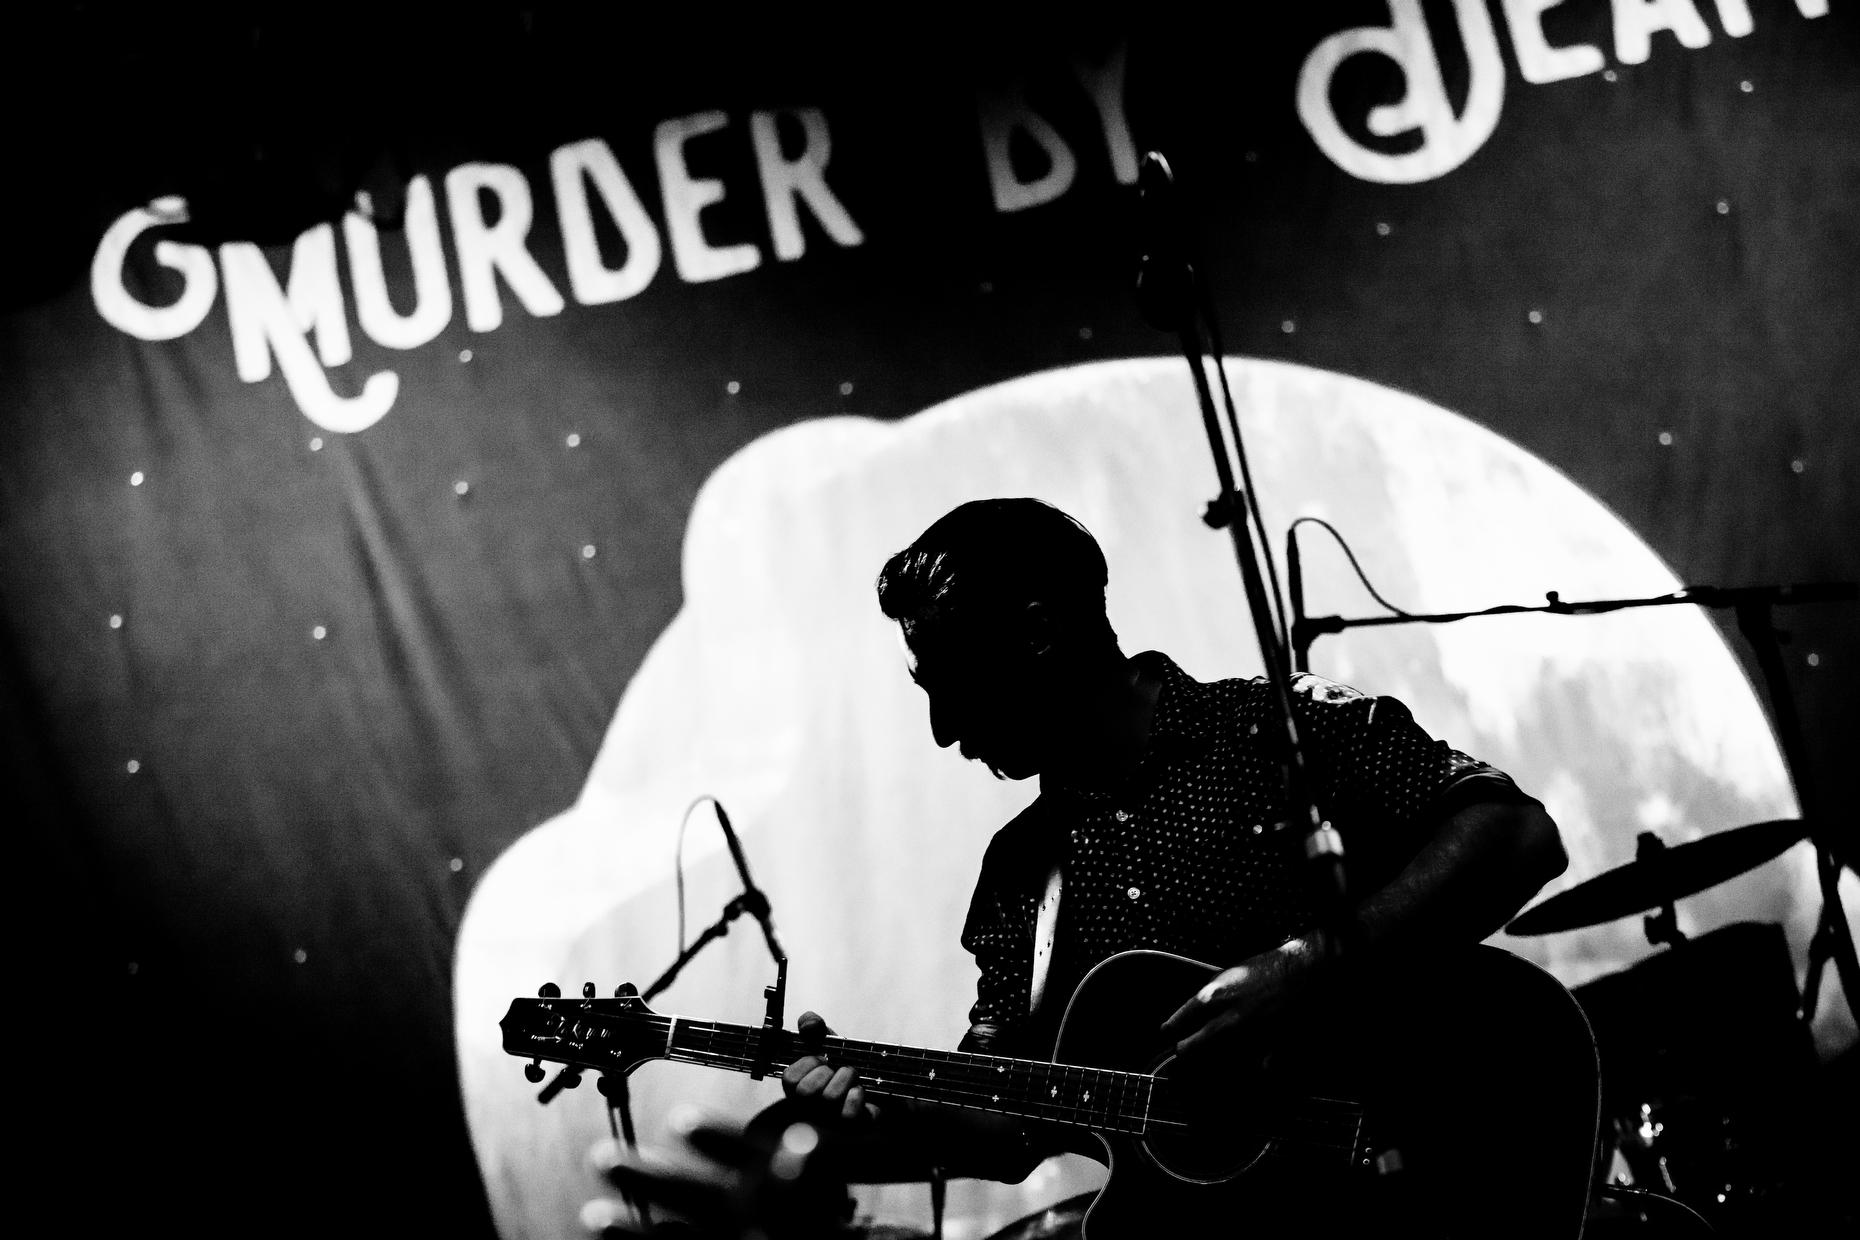 MURDERBYDEATH027.JPG